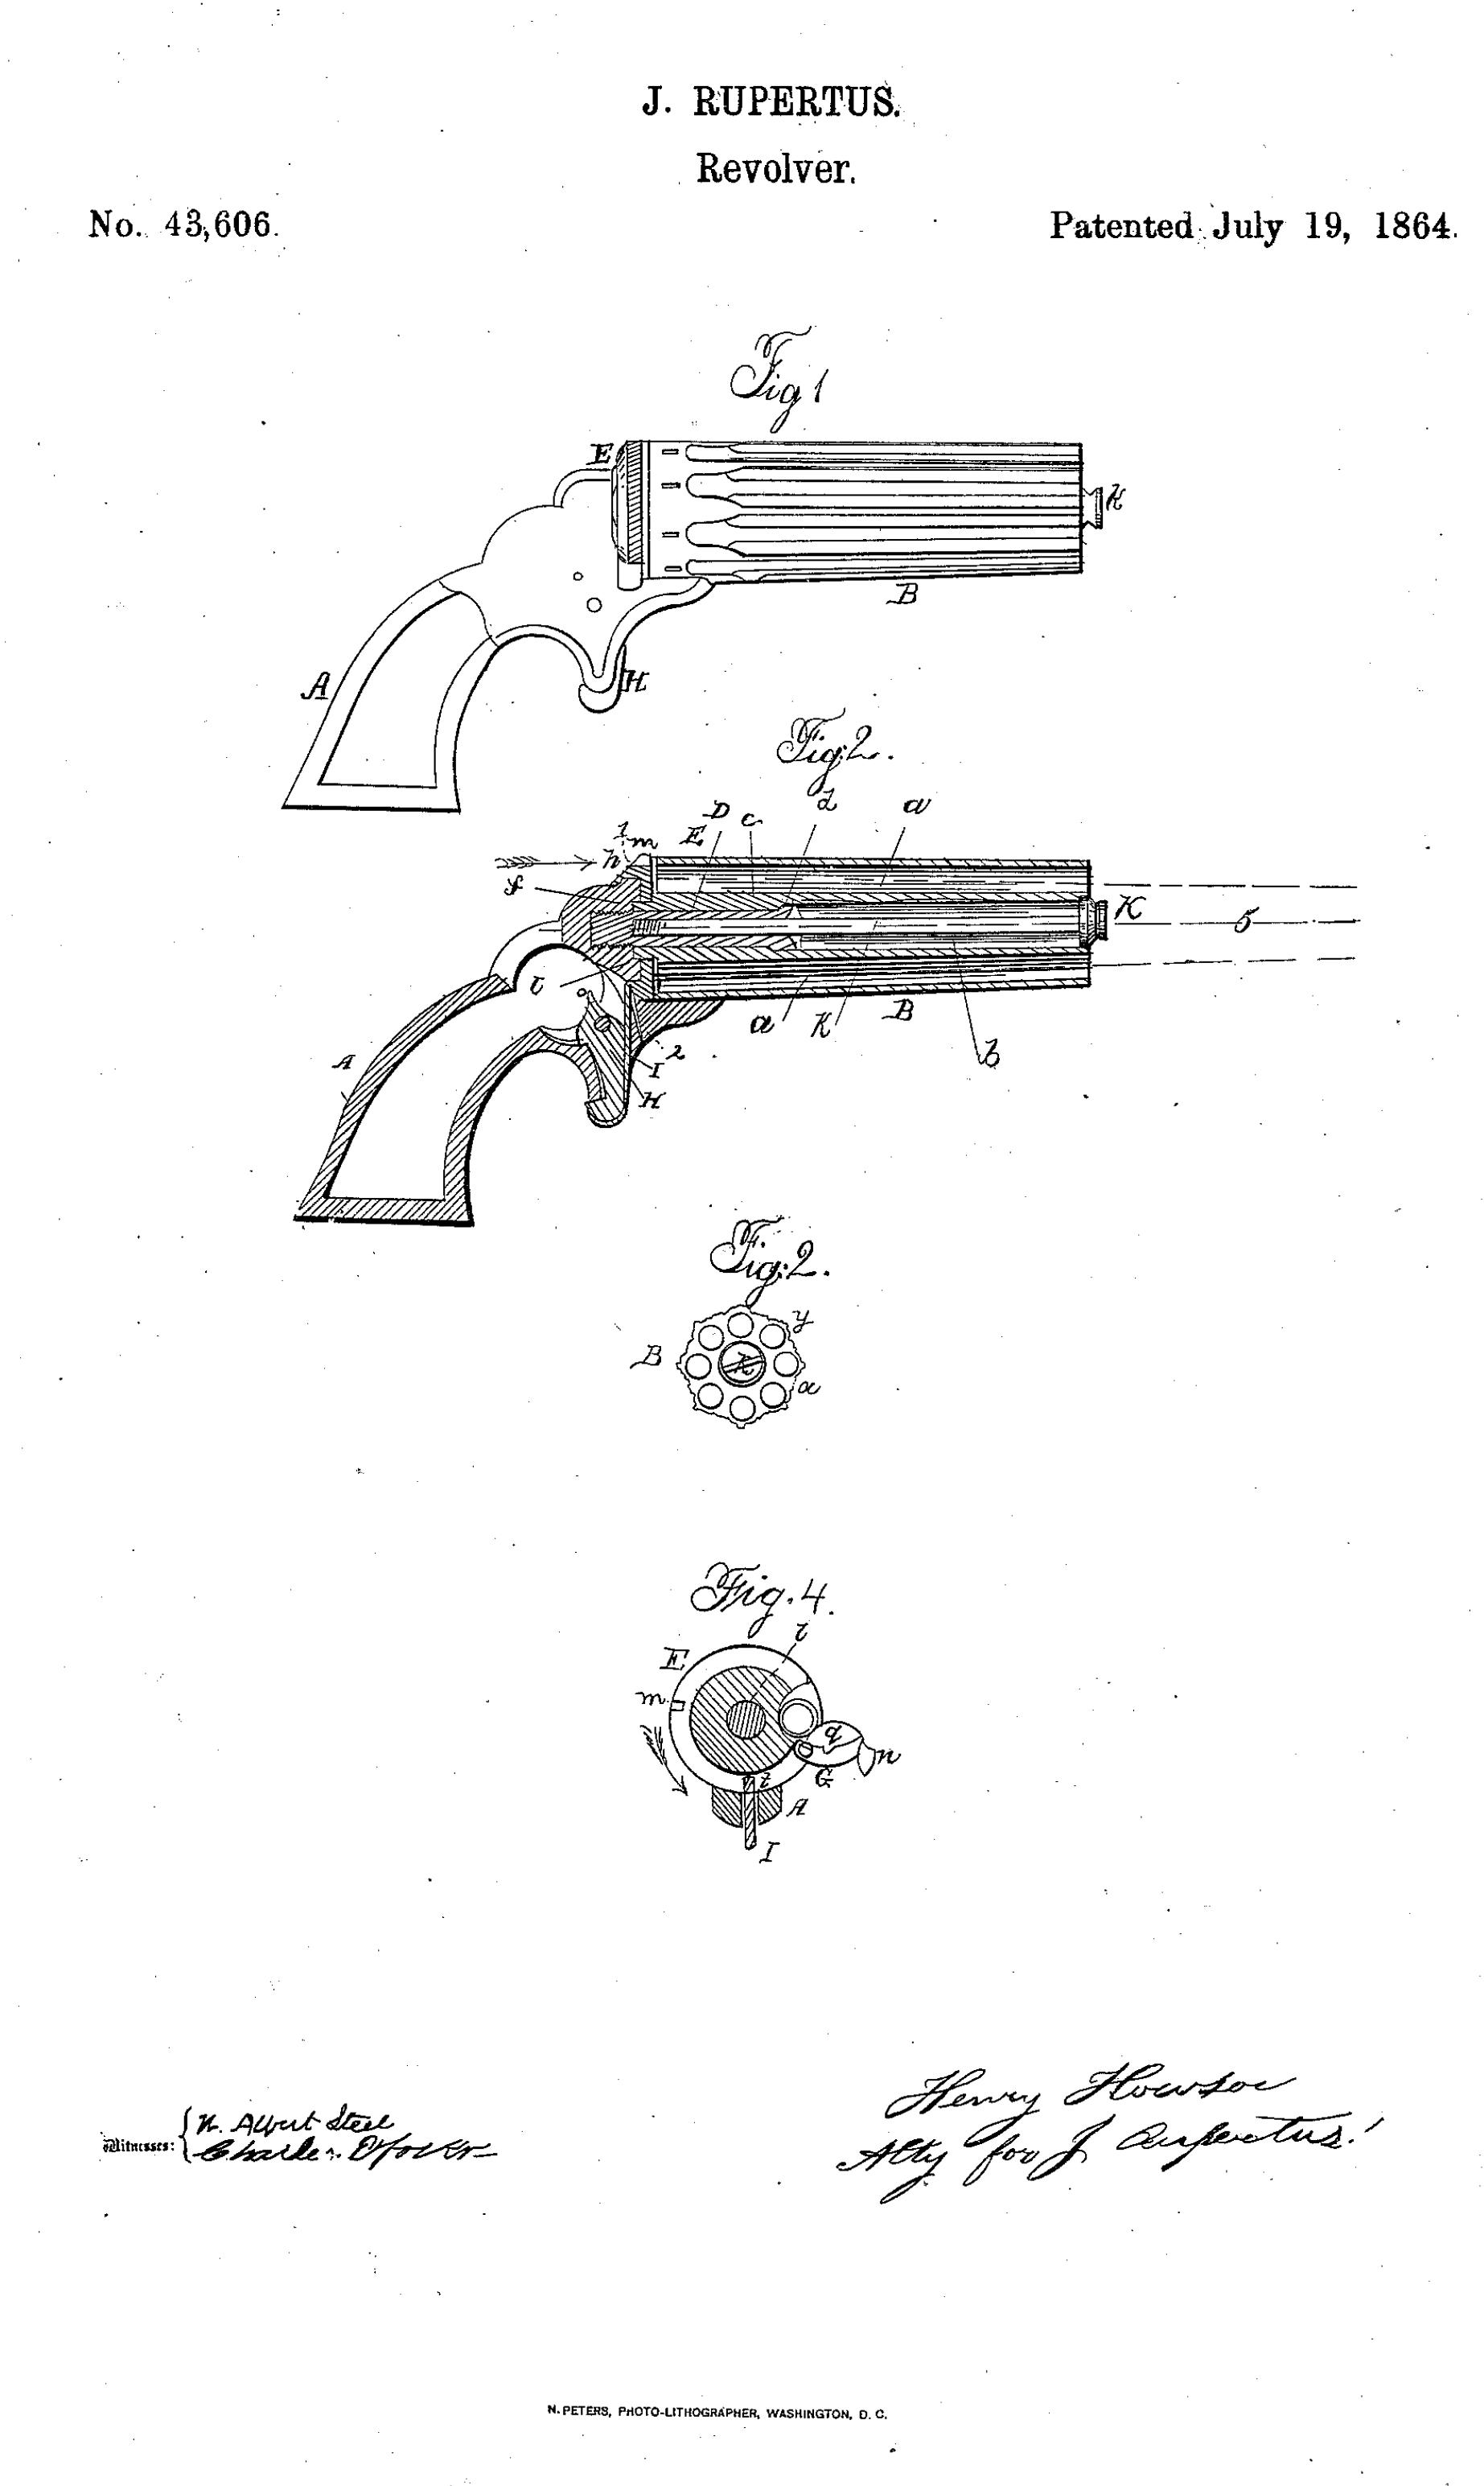 How to Start a Gun Range Business